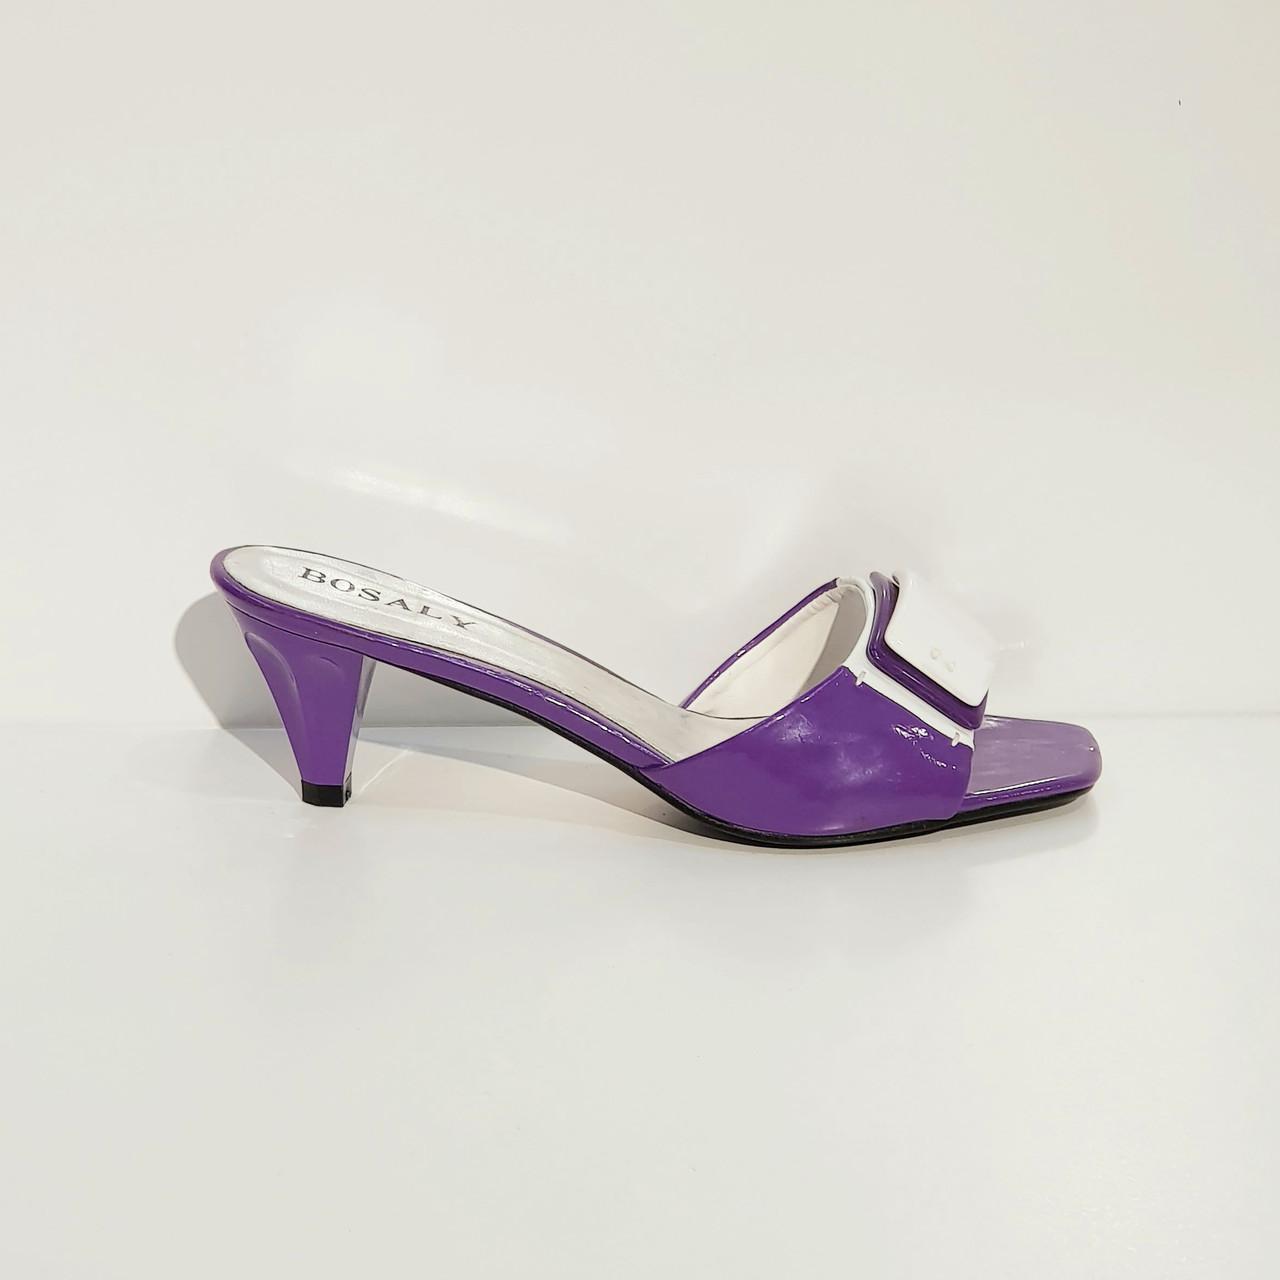 Сабо женские  летние на среднем каблуке искусственная лаковая кожа сиреневые 36